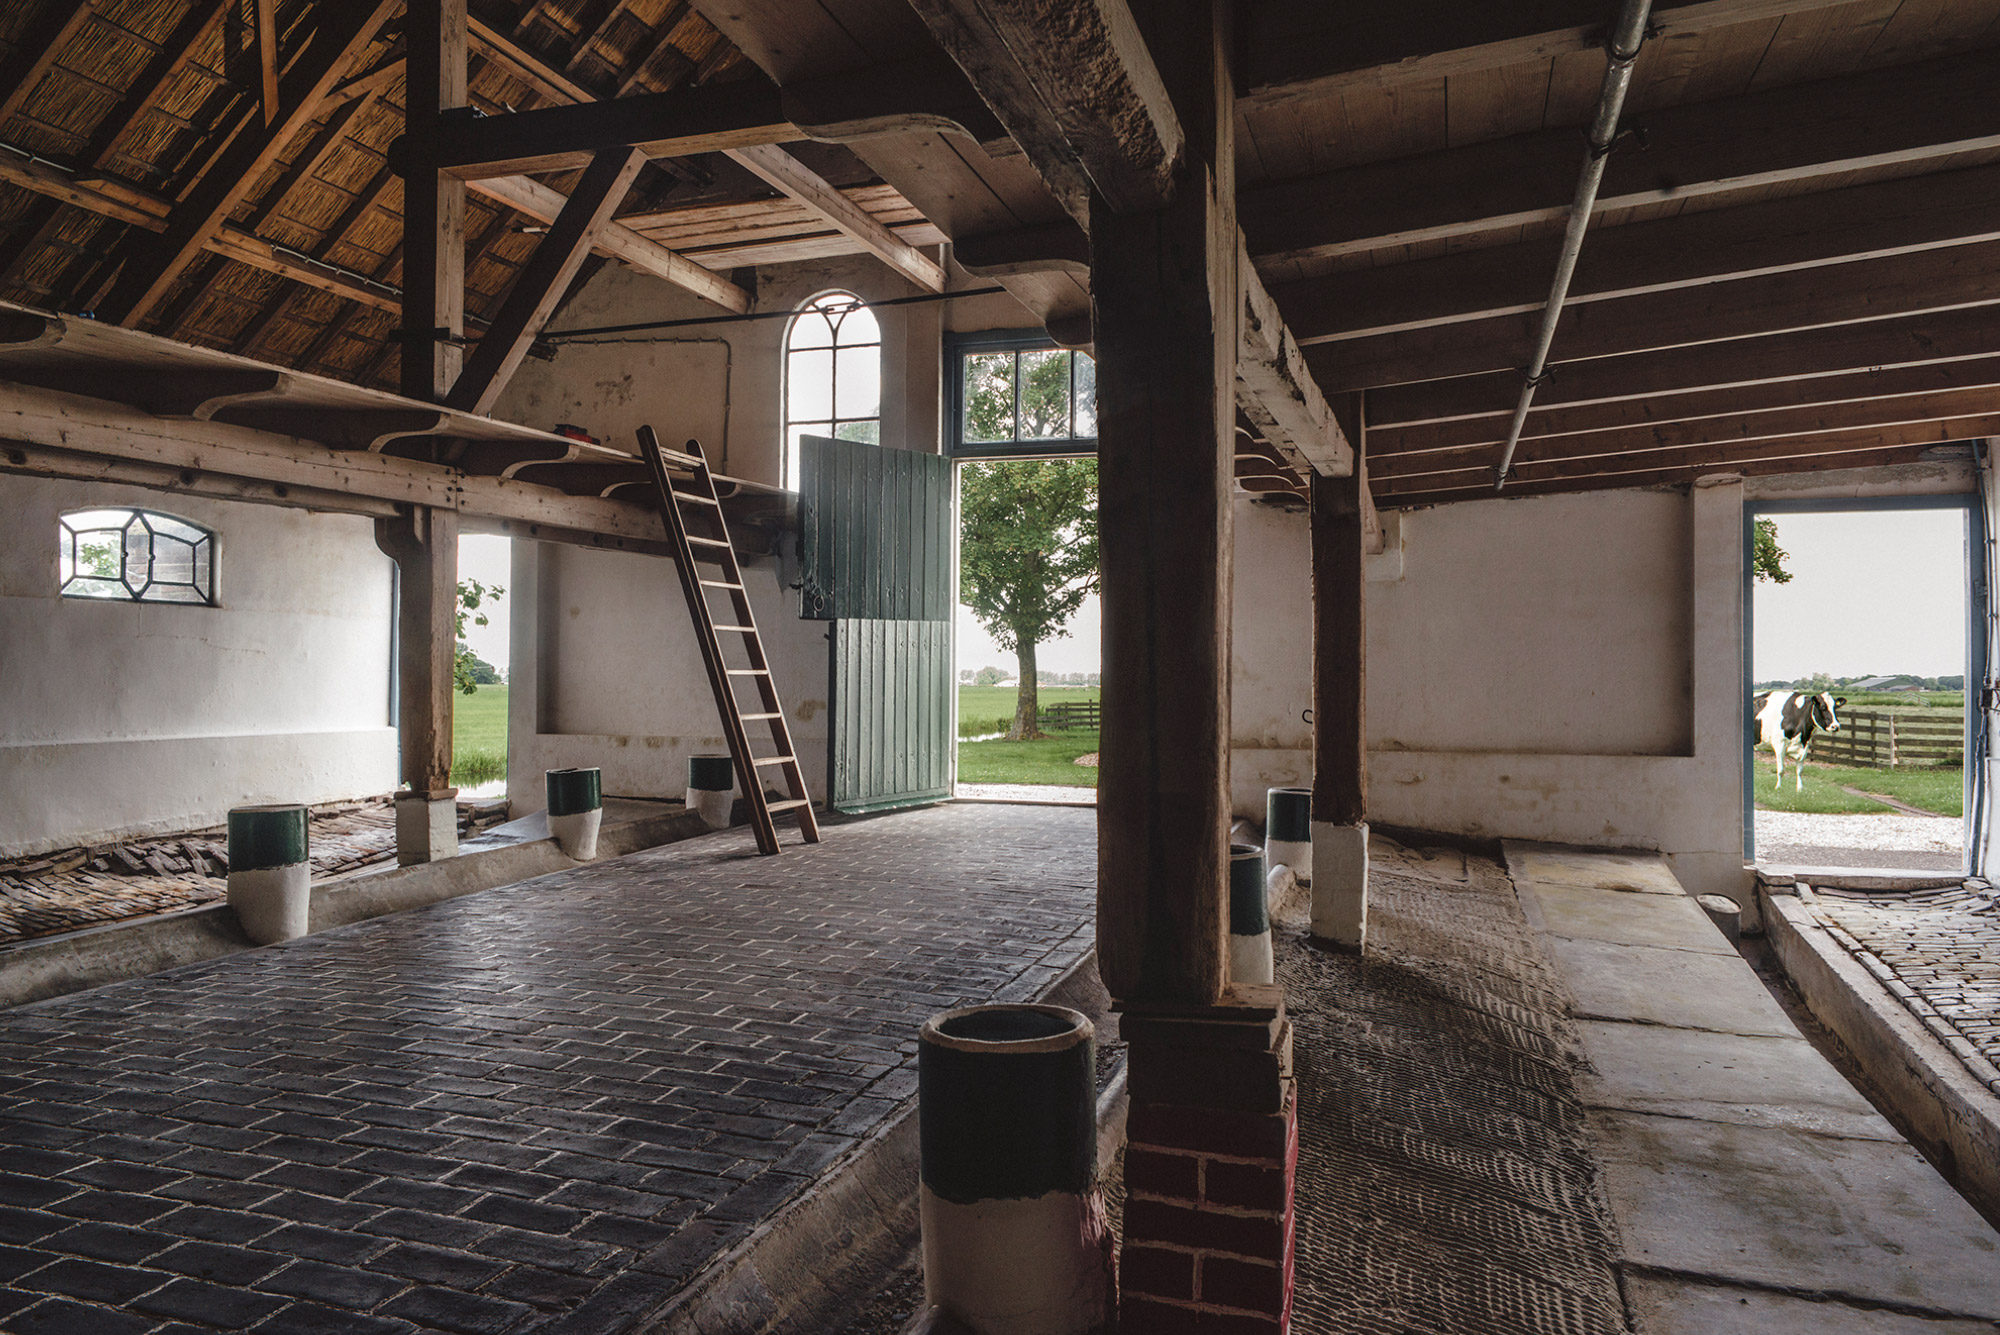 Interieurfoto van een oude koeienstal in het Groene Hart